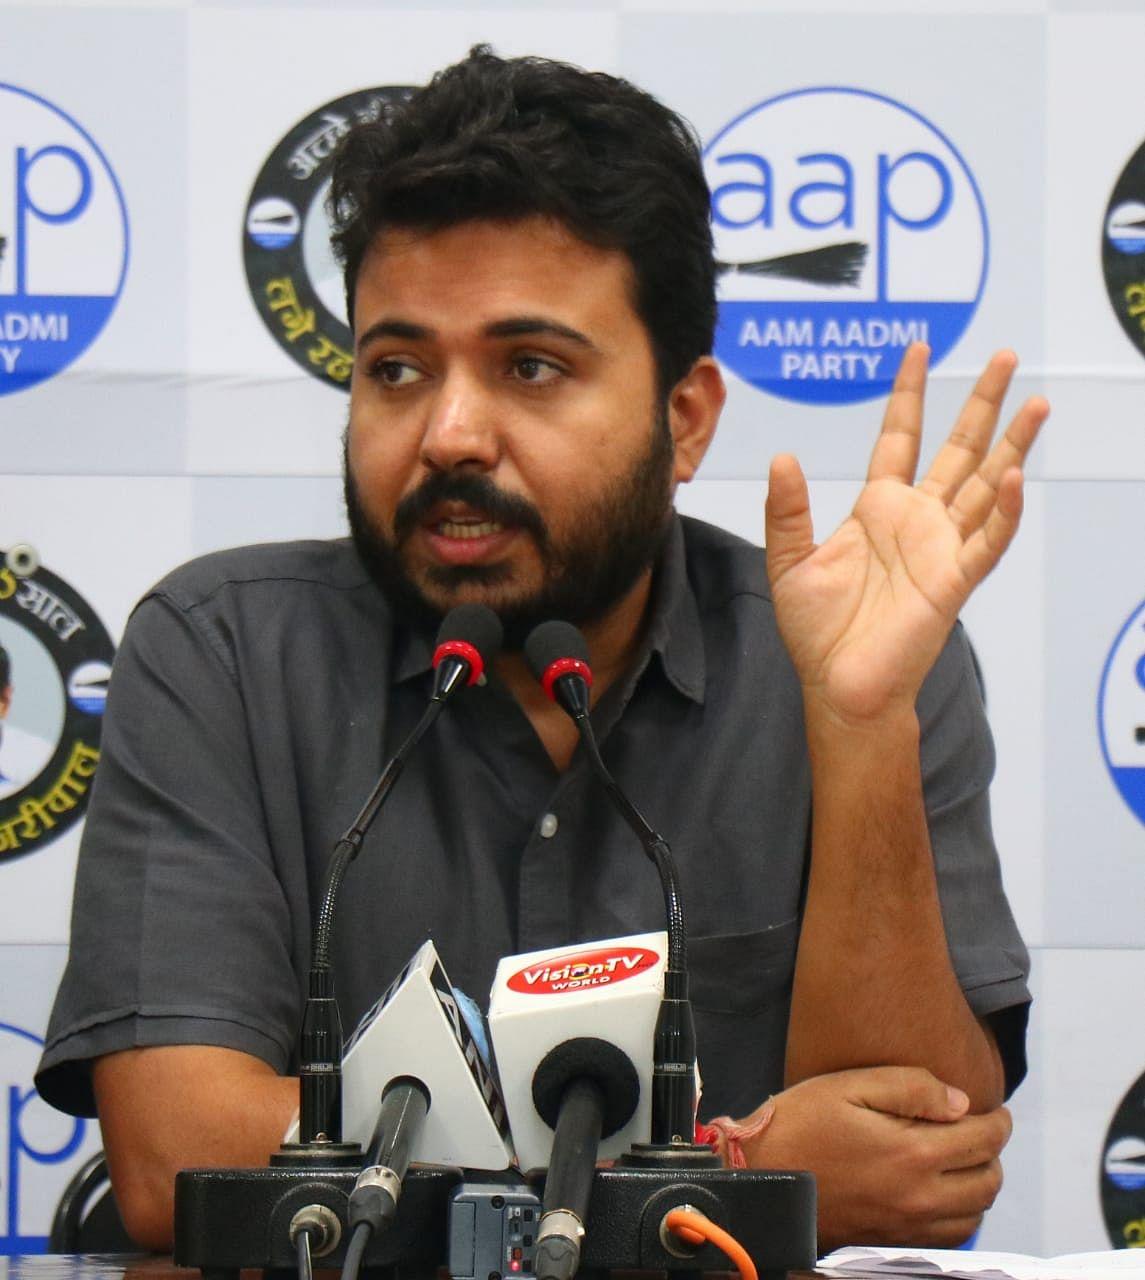 एमसीडी कर्मचारियों की सैलरी मामले पर आप नेता दुर्गेश पाठक ने भाजपा पर बोला हमला